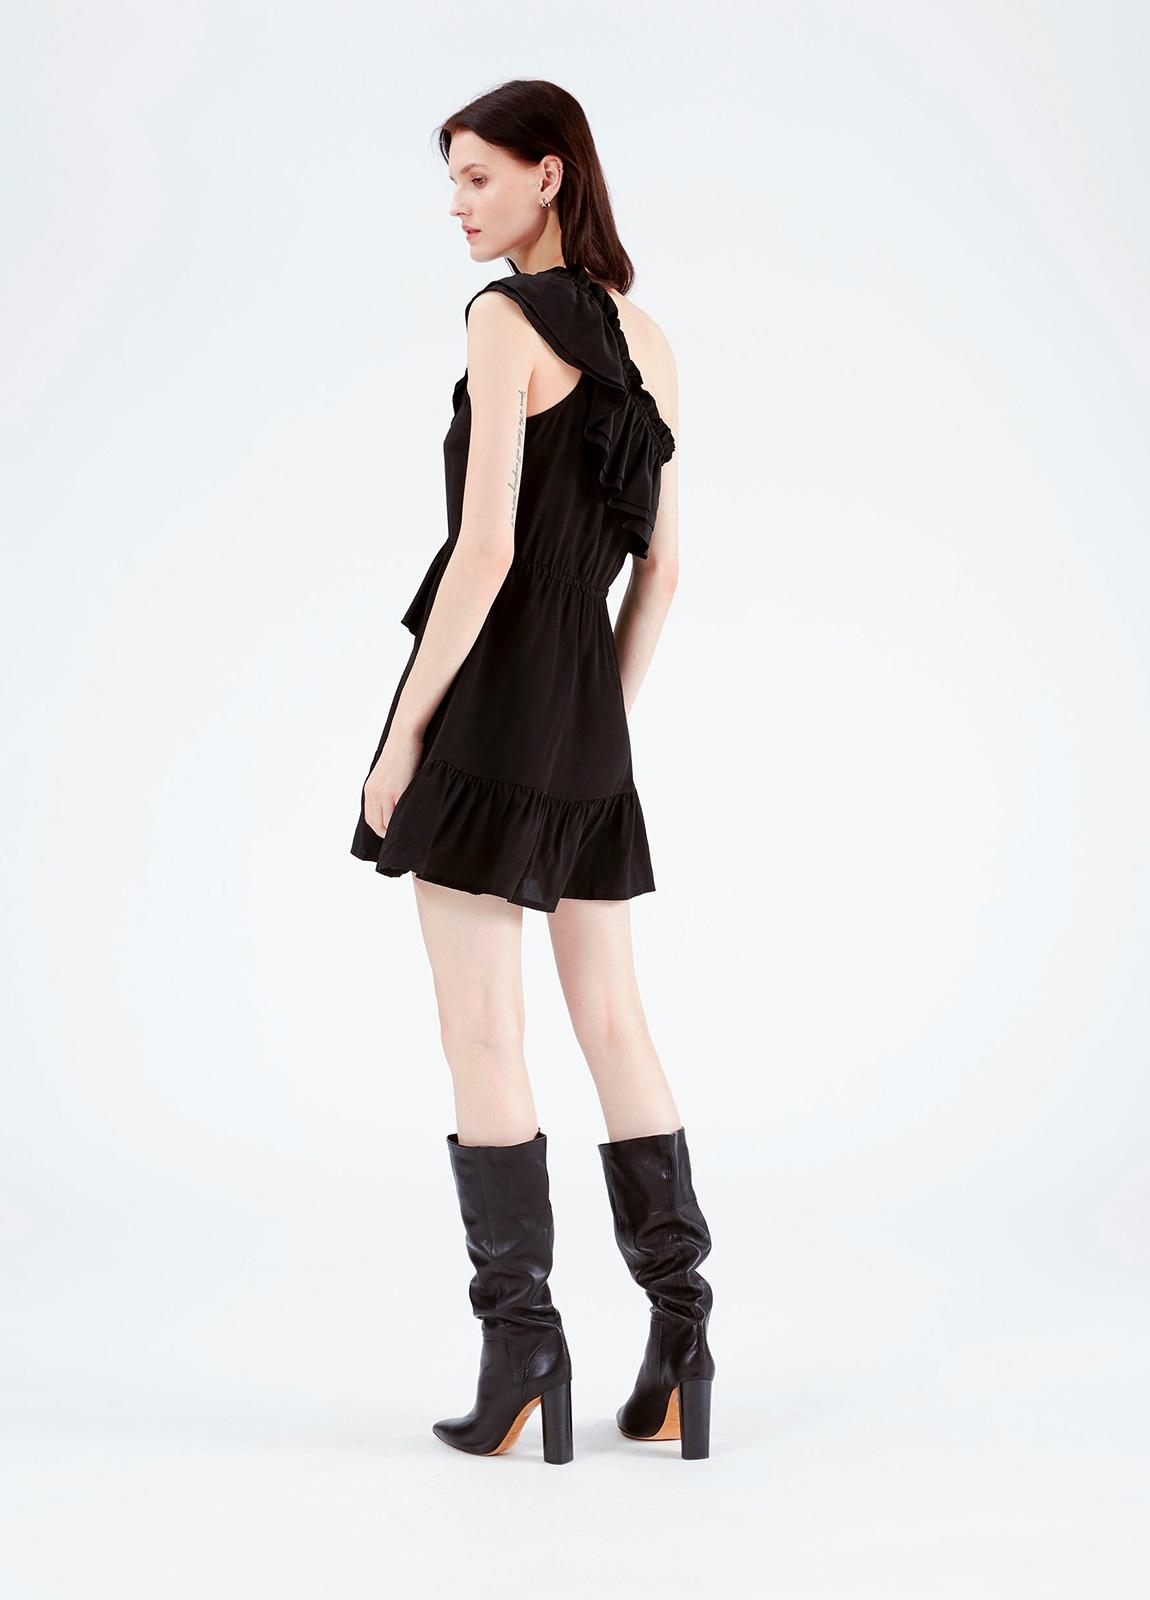 Vestido con hombro descubierto y volantes superpuestos, color negro. 100% seda. - Ítem2